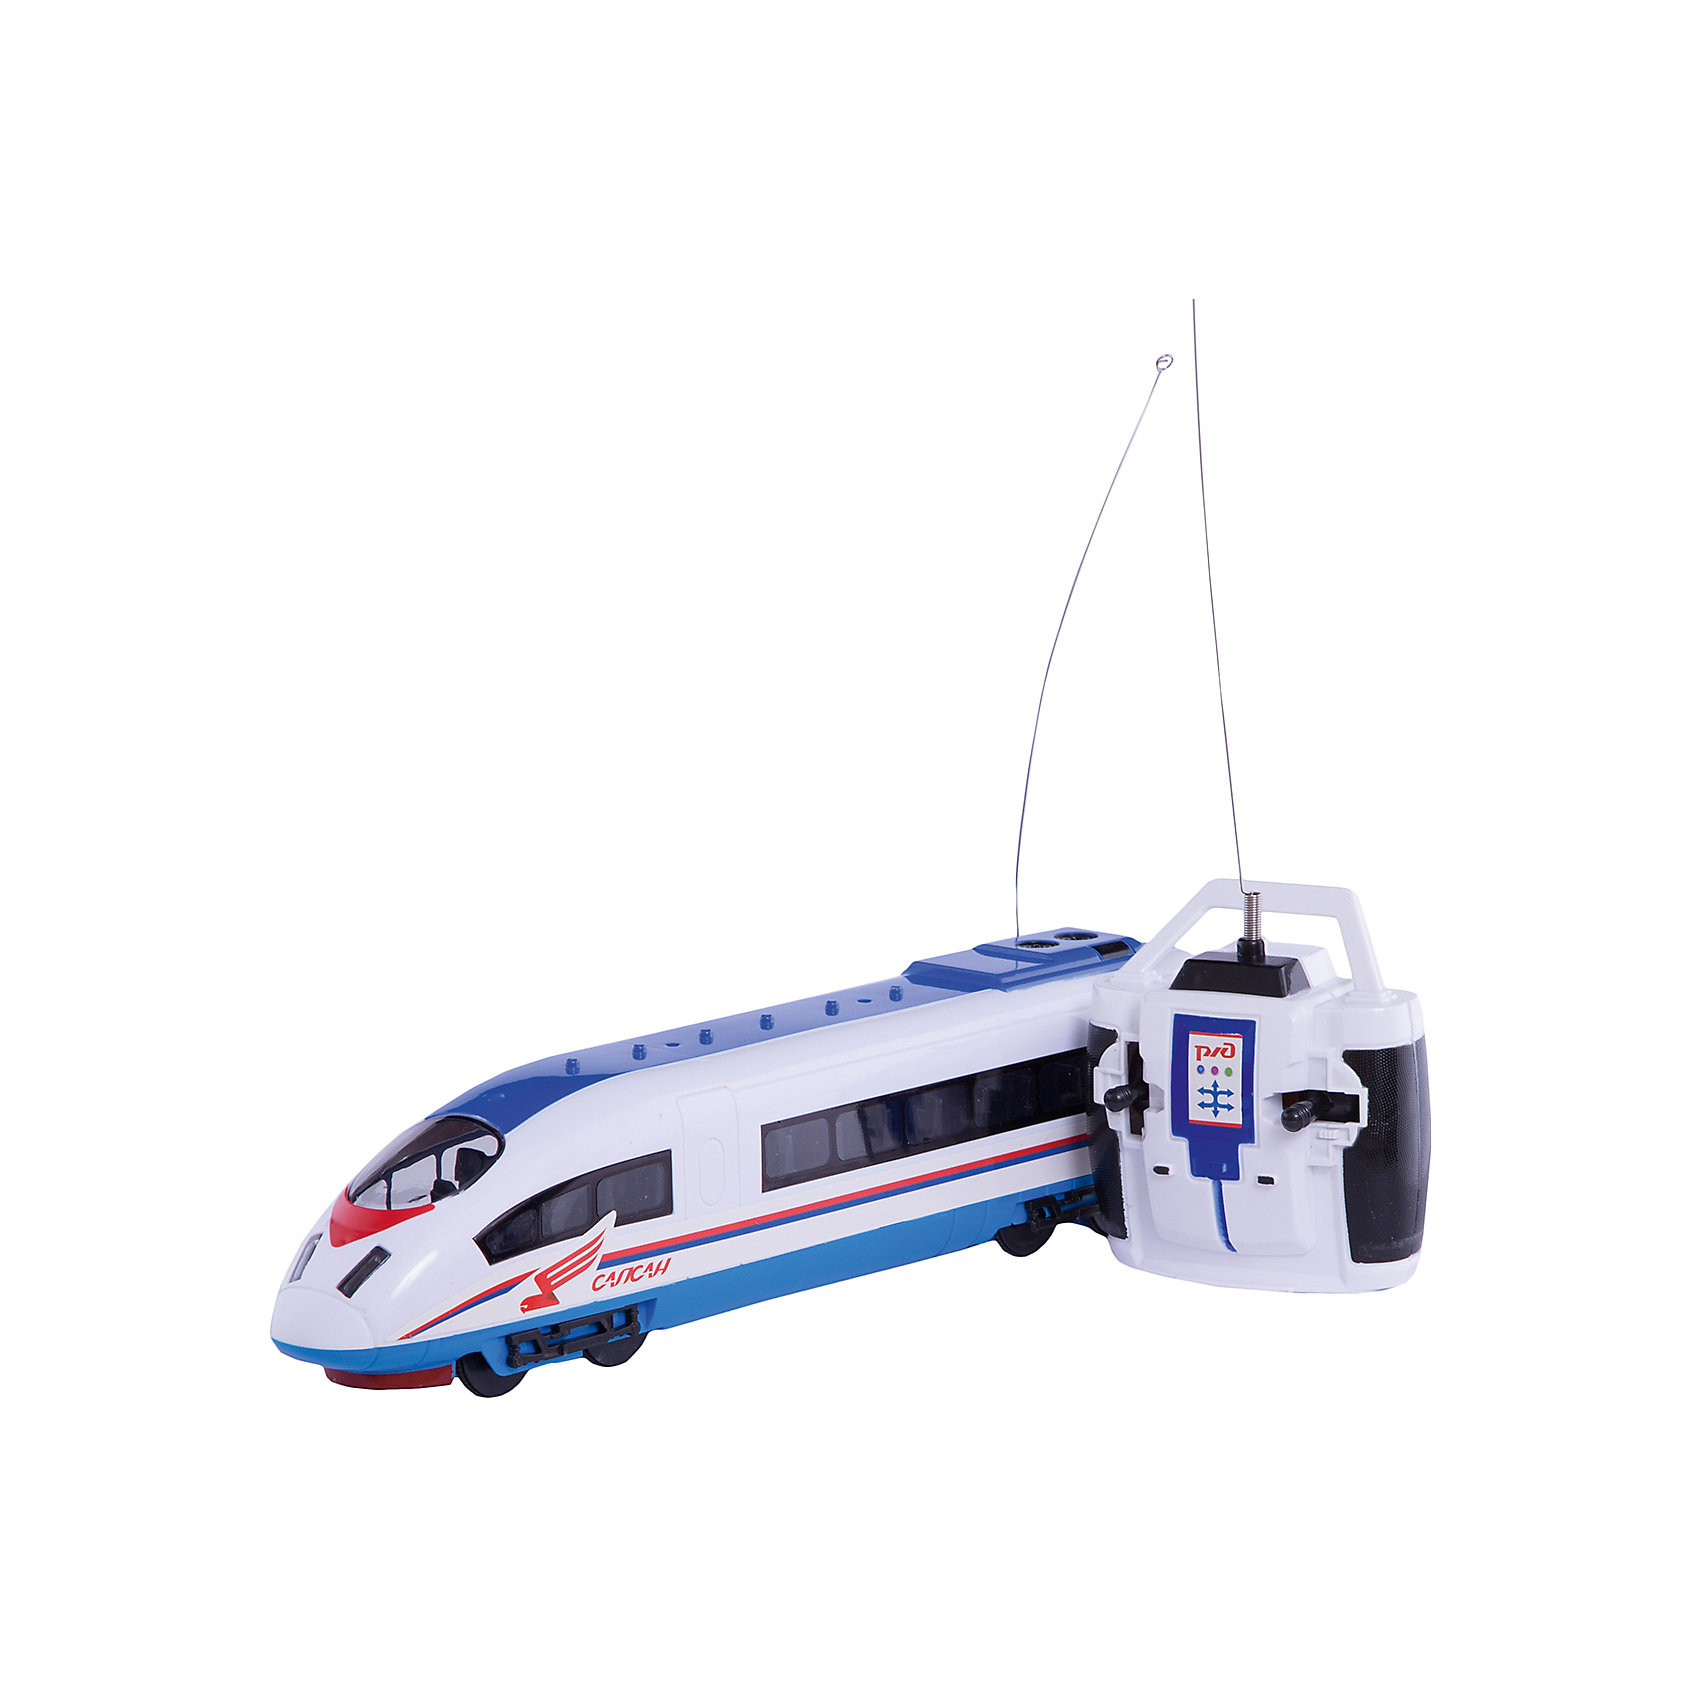 Сапсан  р/уРадиоуправляемый транспорт<br>Поезда обожает множество современных мальчишек, поэтому копия поезда Сапсан, выглядящая почти как настоящая, обязательно порадует ребенка. Такие игрушки помогают детям развивать воображение, мелкую моторику, логику и творческое мышление.<br>Модель поезда прекрасно детализирована, у неё есть возможность воспроизводить объявления, во время поездки слышится звук движущегося поезда, предусмотрены также световые эффекты, двигается она с помощью аккумулятора и радиоуправления. С такой игрушкой можно придумать множество игр!<br><br>Дополнительная информация:<br><br>цвет: разноцветный;<br>размер коробки: 45 х 7 х 13 см;<br>вес: 620 г;<br>материал: металл, пластик;<br>световые и звуковые эффекты.<br><br>Сапсан р/у можно купить в нашем магазине<br><br>Ширина мм: 130<br>Глубина мм: 70<br>Высота мм: 450<br>Вес г: 620<br>Возраст от месяцев: 36<br>Возраст до месяцев: 60<br>Пол: Мужской<br>Возраст: Детский<br>SKU: 4913621